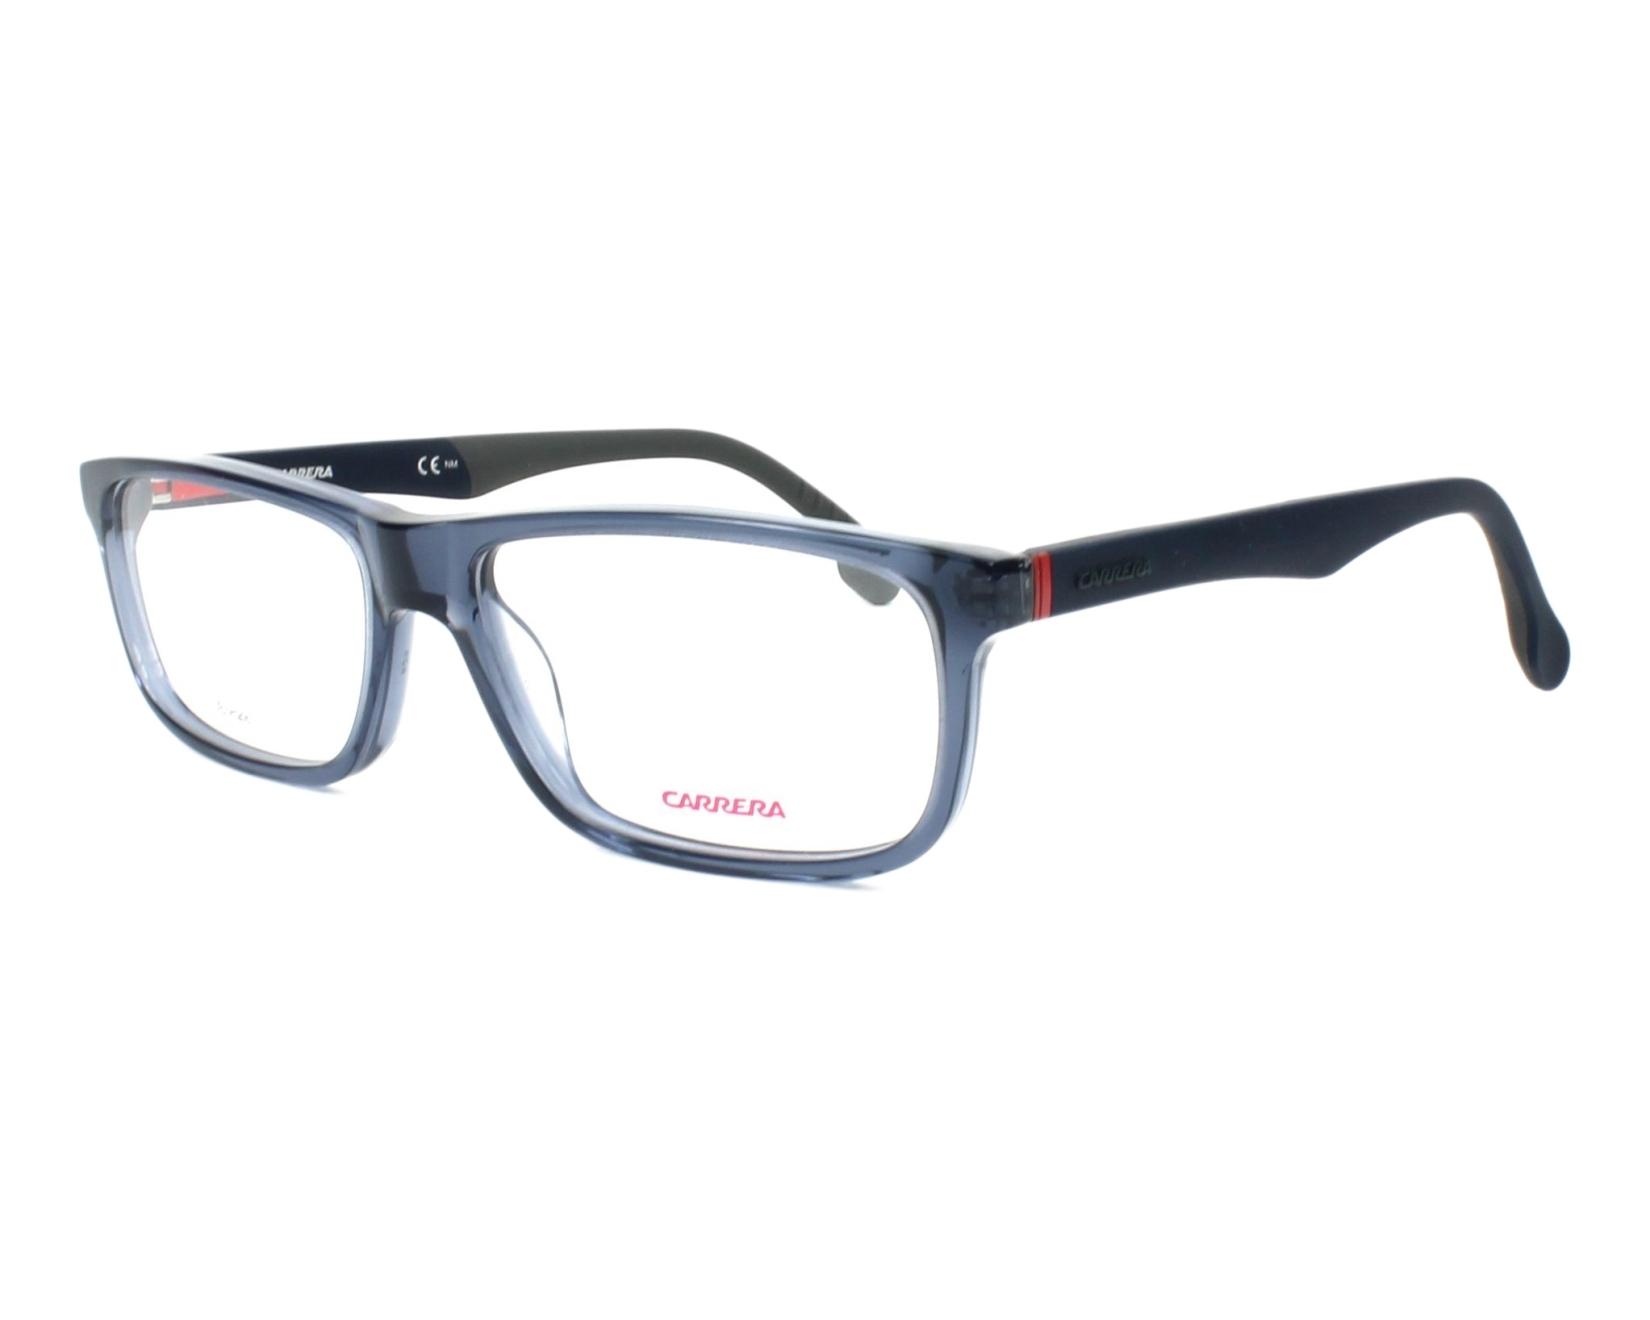 c50697e36e Gafas Graduadas Carrera 8826-V PJP - Azul Azul vista de perfil